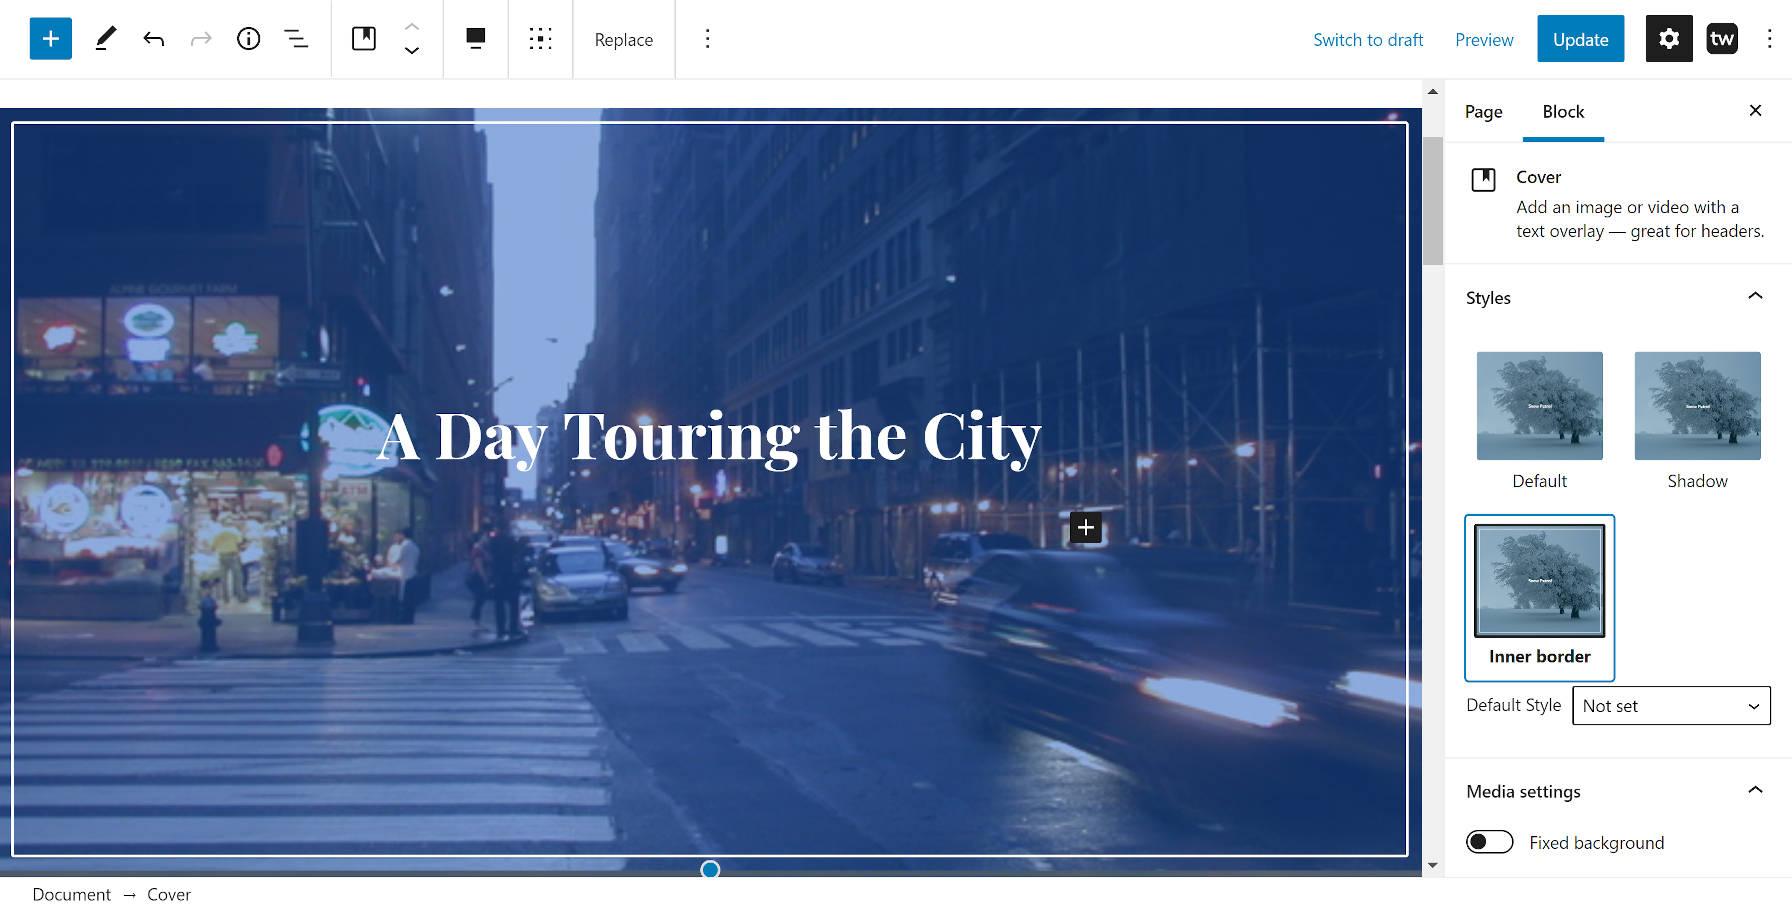 Style de bordure intérieure personnalisé du plugin Twentig WordPress sur le bloc Cover.